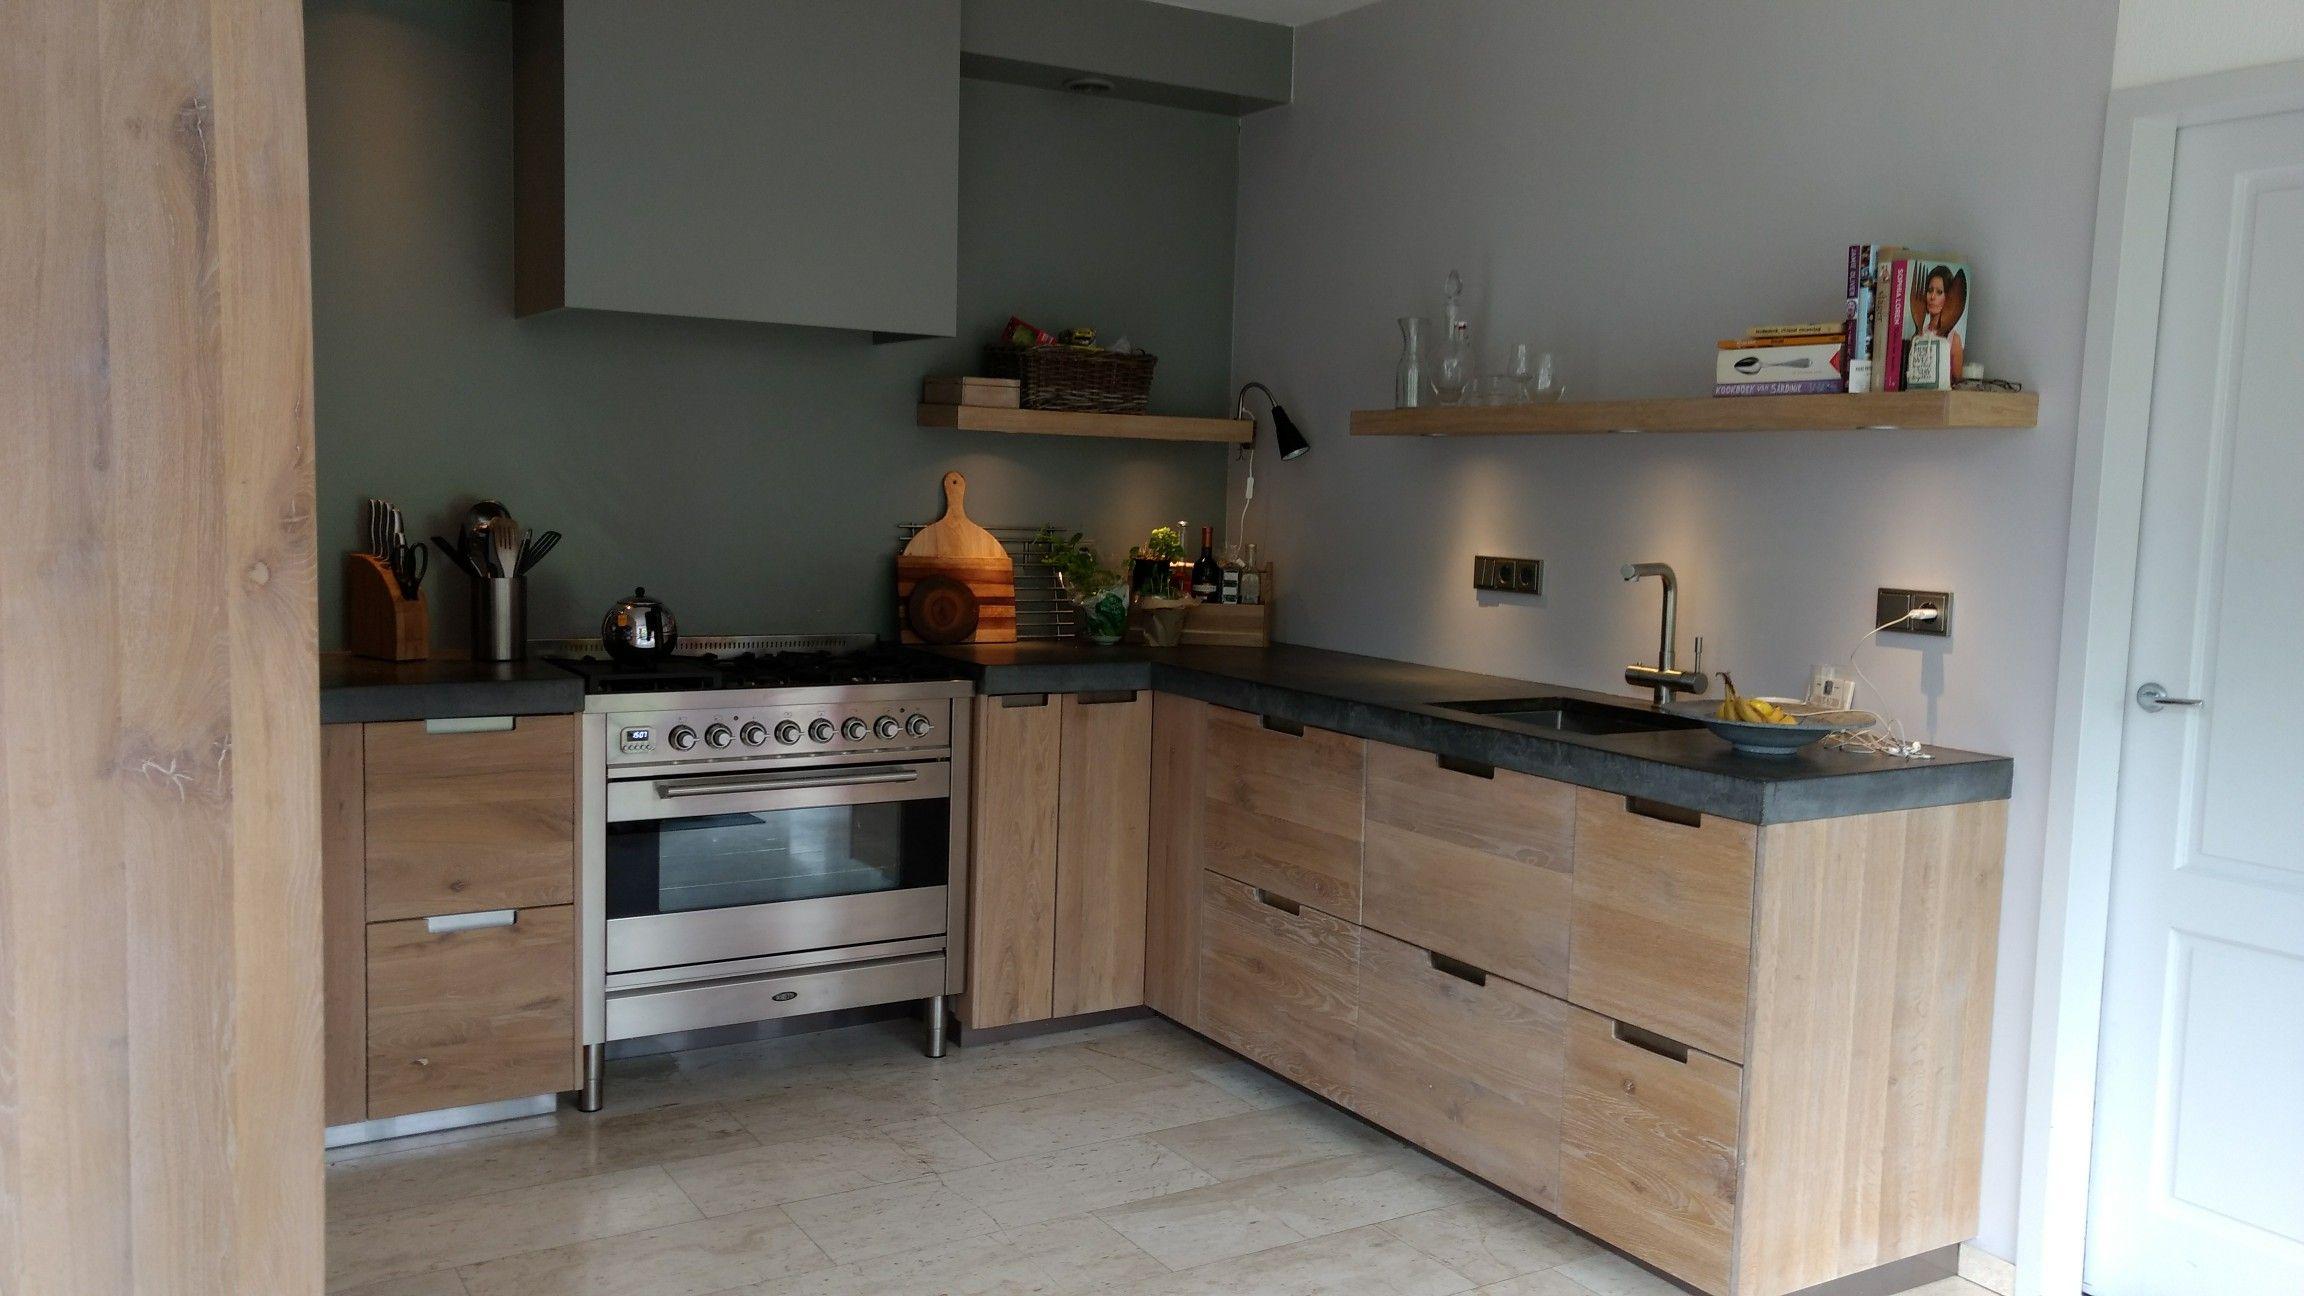 Beton Blad Keuken : Houten keuken met beton blad en boretti fornuis. heel blij mee